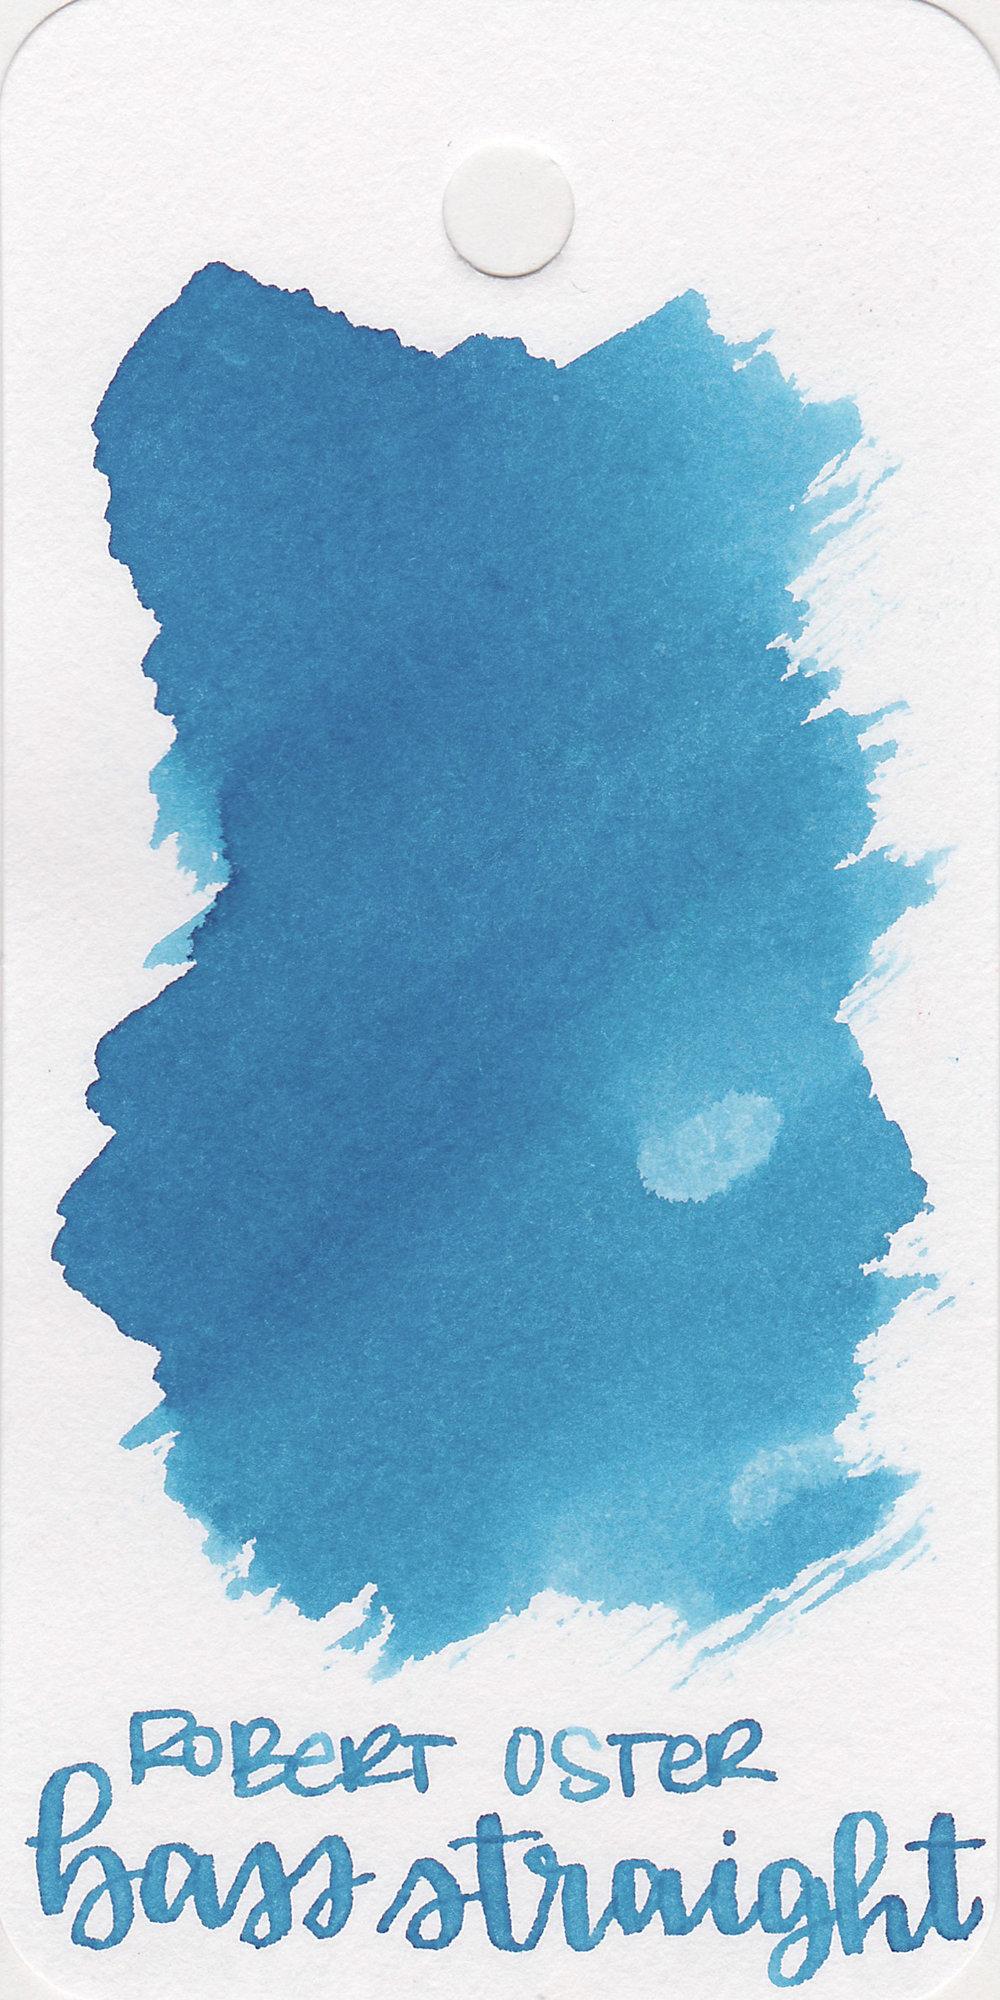 The color: - Bass Straight is a medium dusky blue.